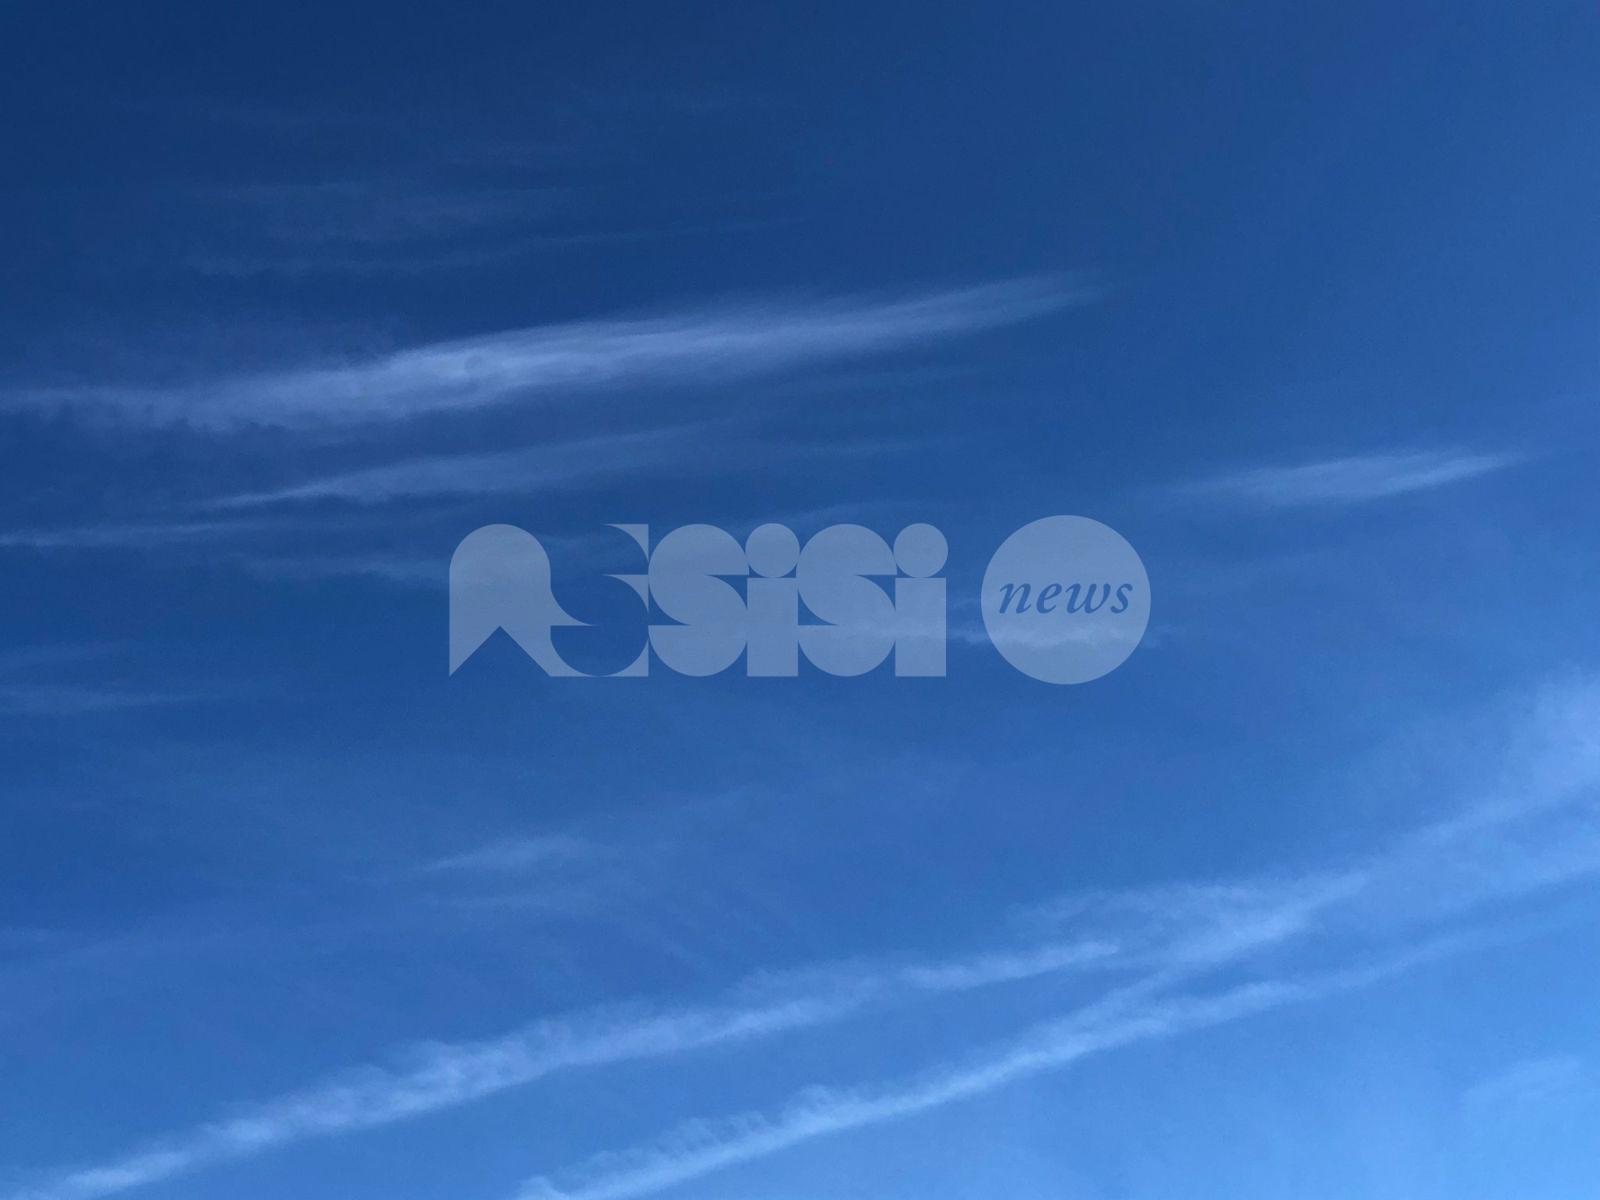 Meteo Assisi 21-23 maggio 2021: weekend piacevole con un'ottima qualità dell'aria